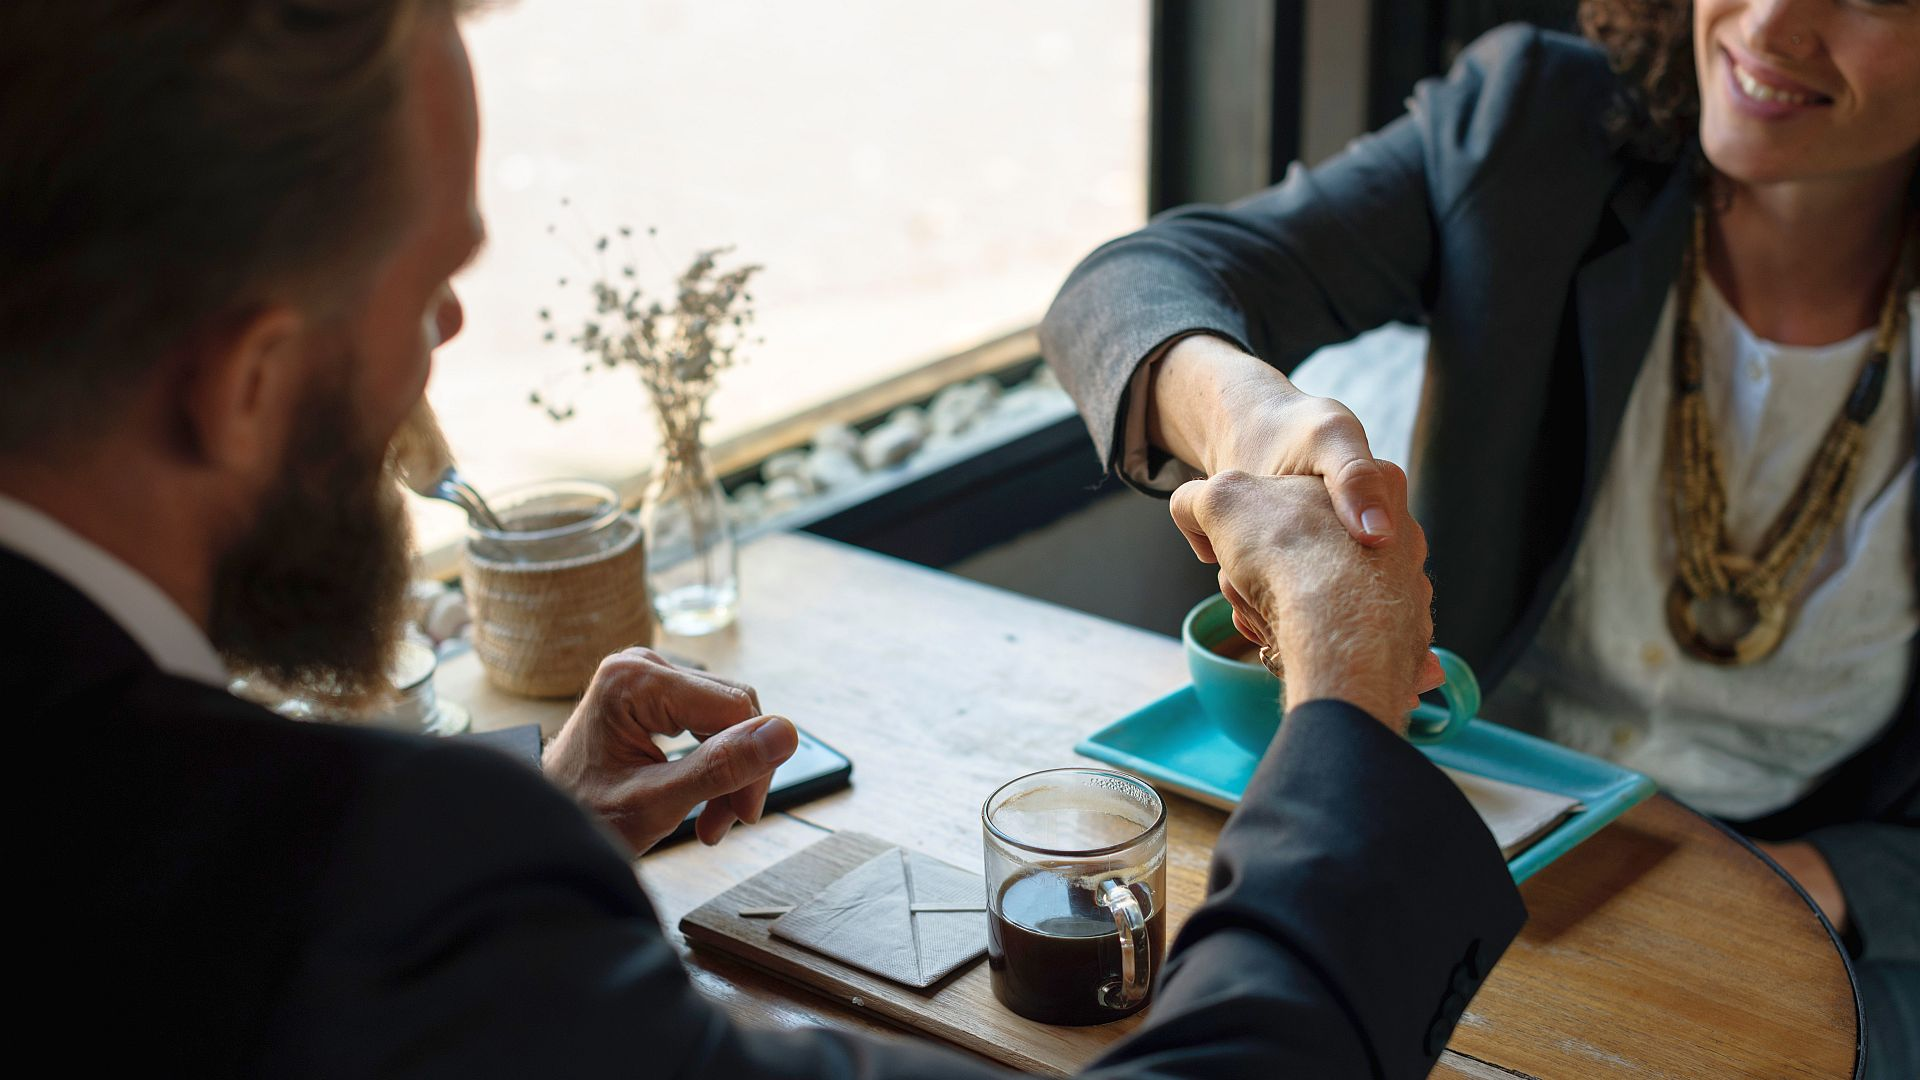 Het zou goed zijn als zorginstellingen compliance officers zouden aanstellen die met zorgverzekeraars onderhandelen om financiële regels te harmoniseren.